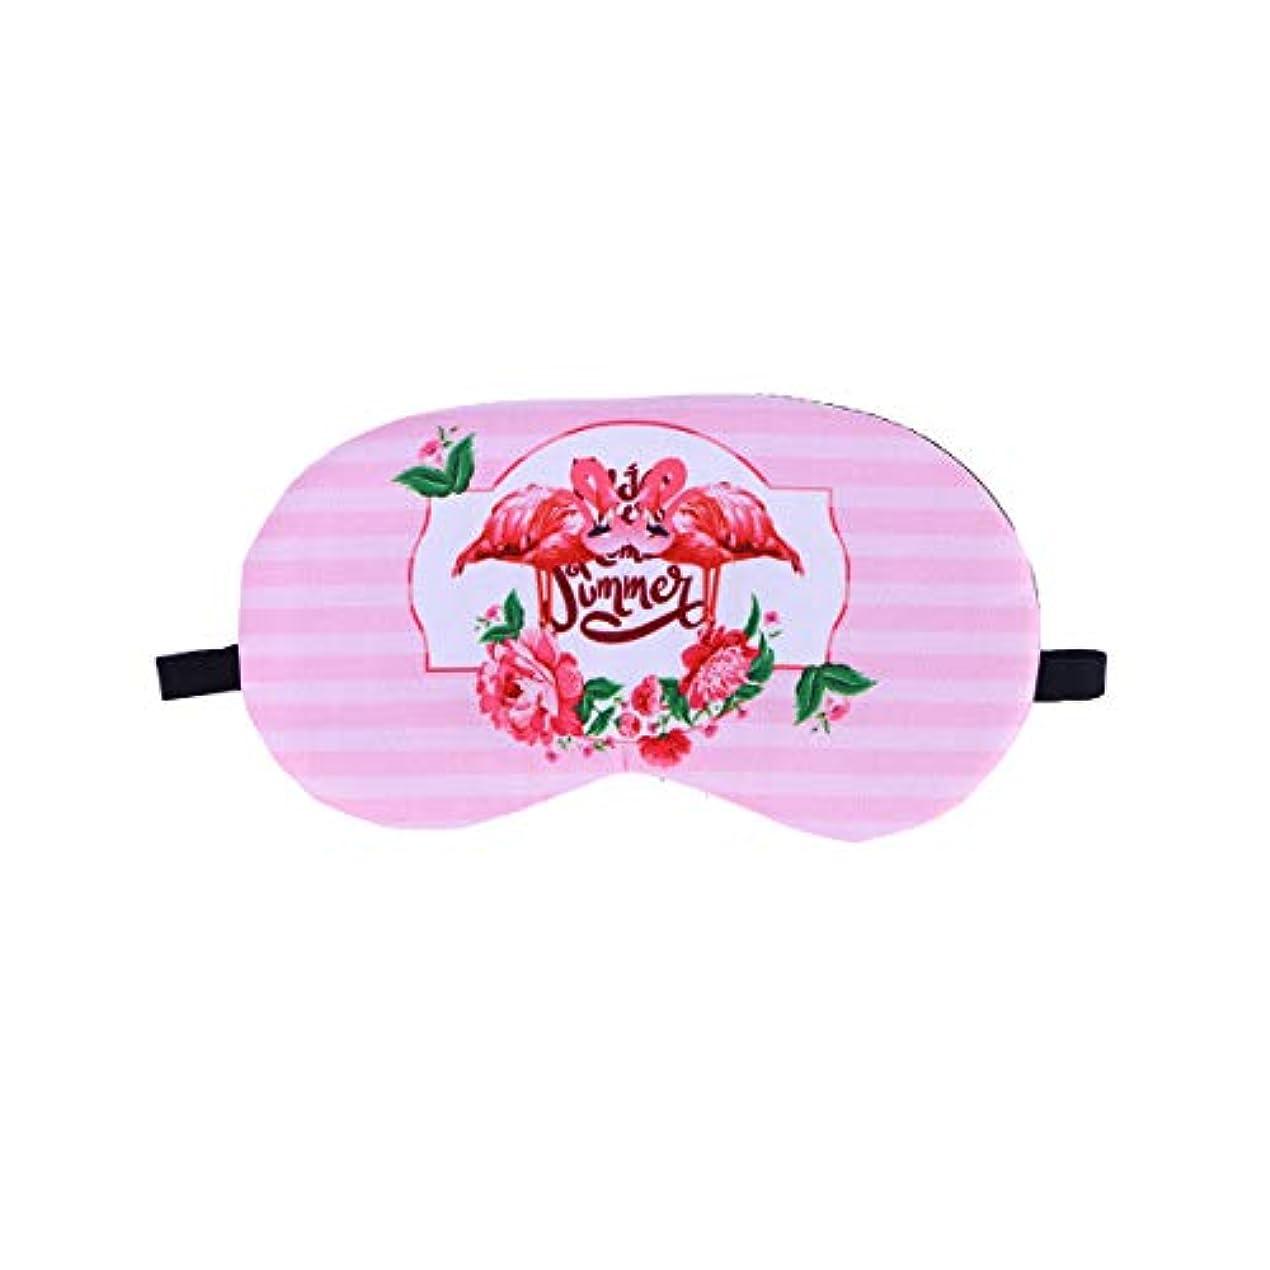 ベイビー利用可能アサートSUPVOX フラミンゴアイマスク動物睡眠トラベリング目隠しアイカバー(ピンク)